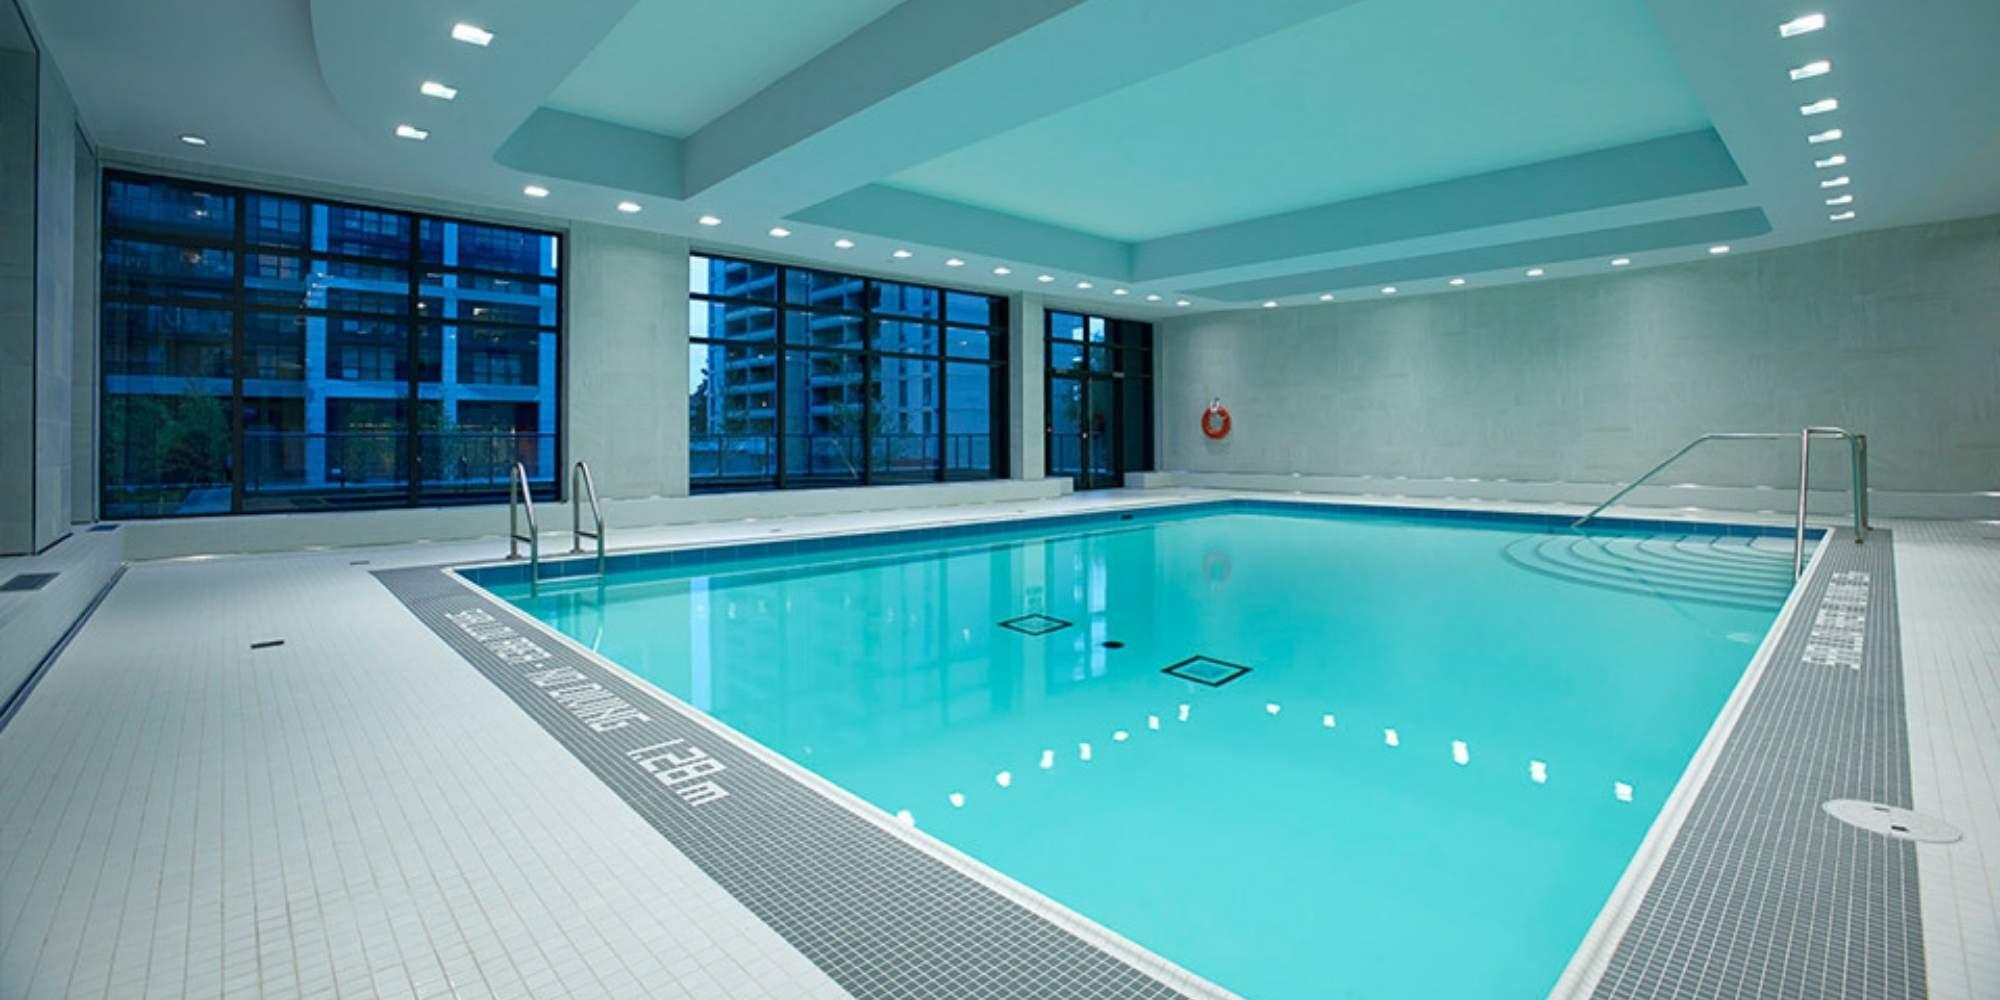 KG Roehampton Indoor Pool